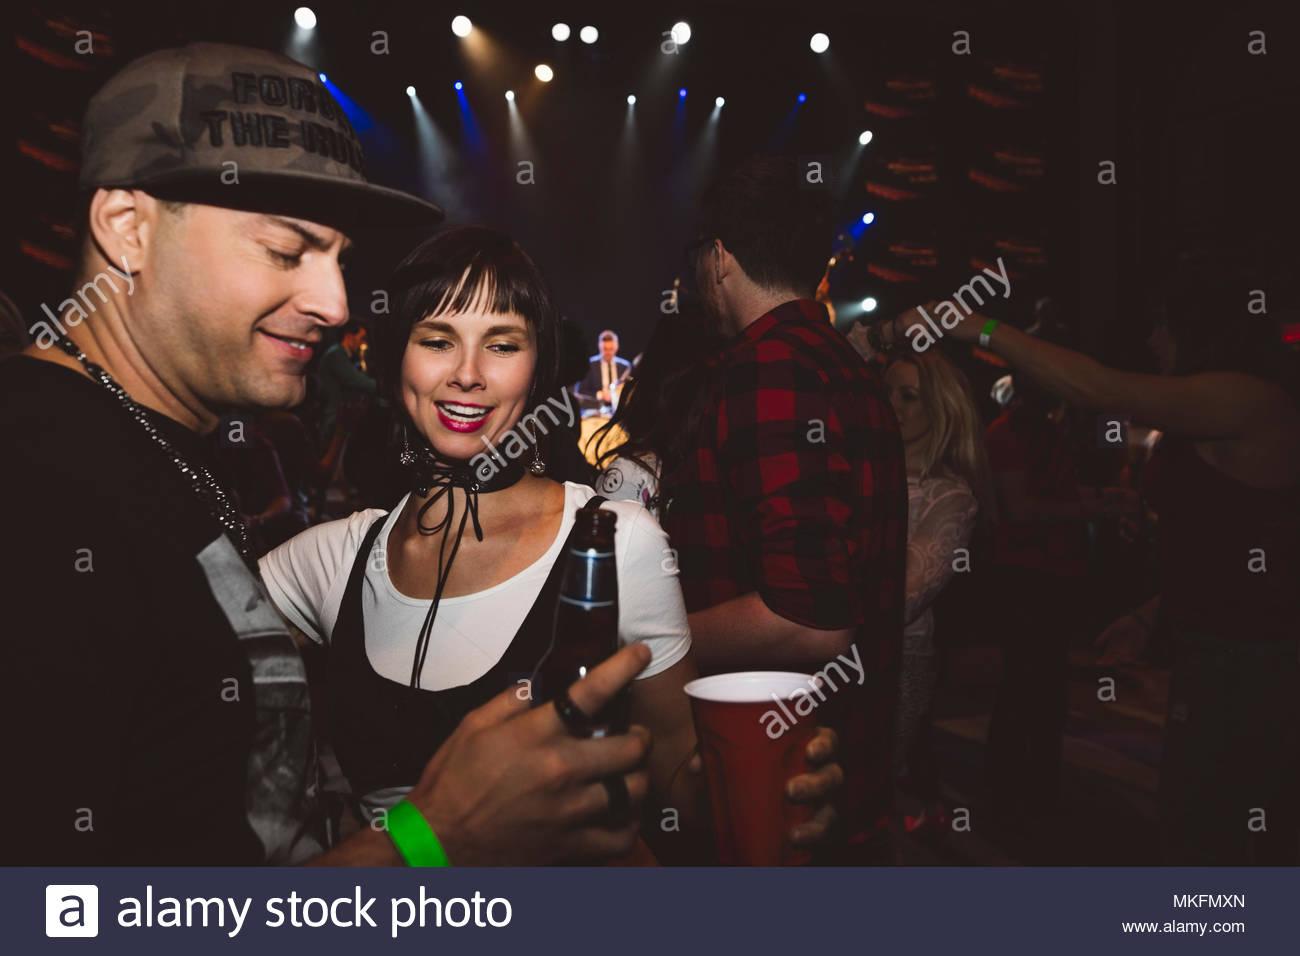 Par de beber y bailar en discoteca Foto de stock